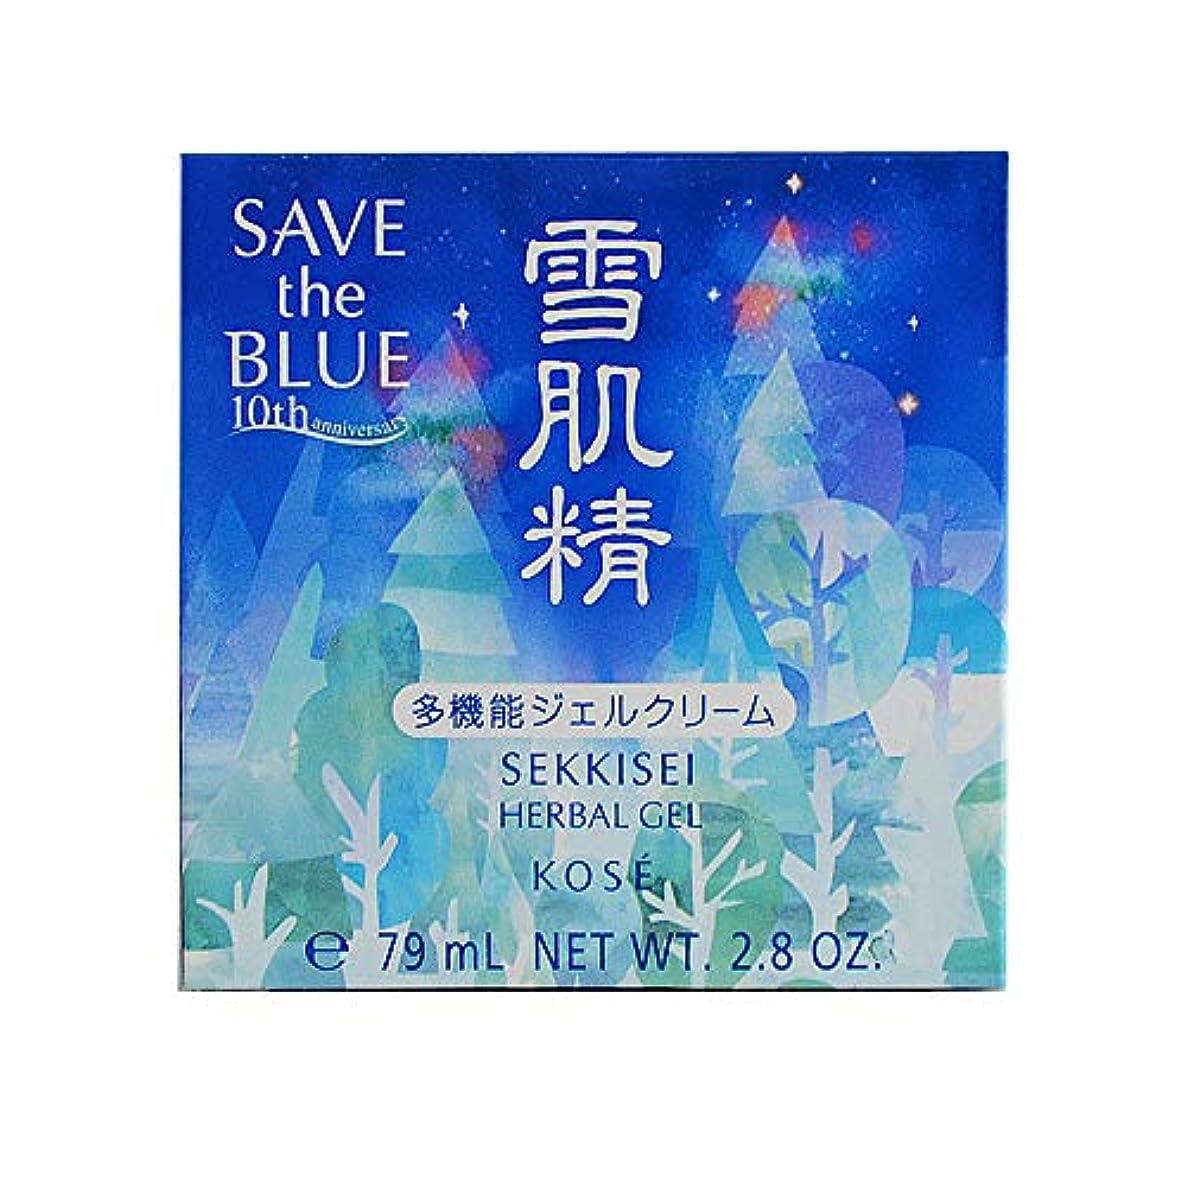 チャット薄汚いタッチコーセー 雪肌精 ハーバルジェル 80g (SAVE the BLUE) [ フェイスクリーム ] [並行輸入品]